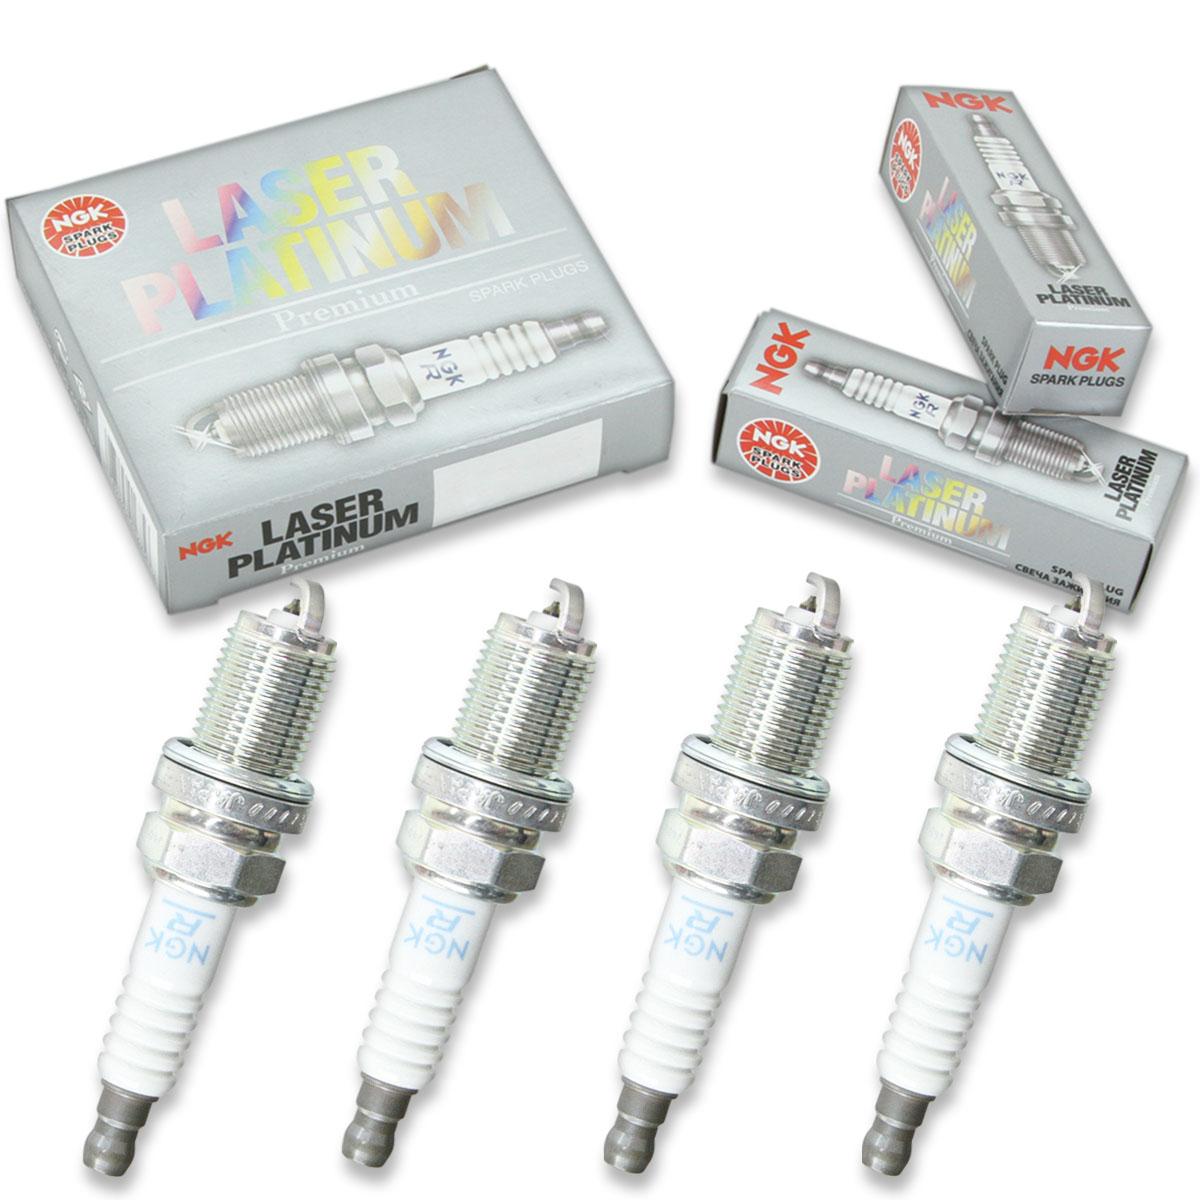 6 pcs NGK V-Power Spark Plugs for 2002-2006 Nissan Altima 3.5L V6 Engine gw